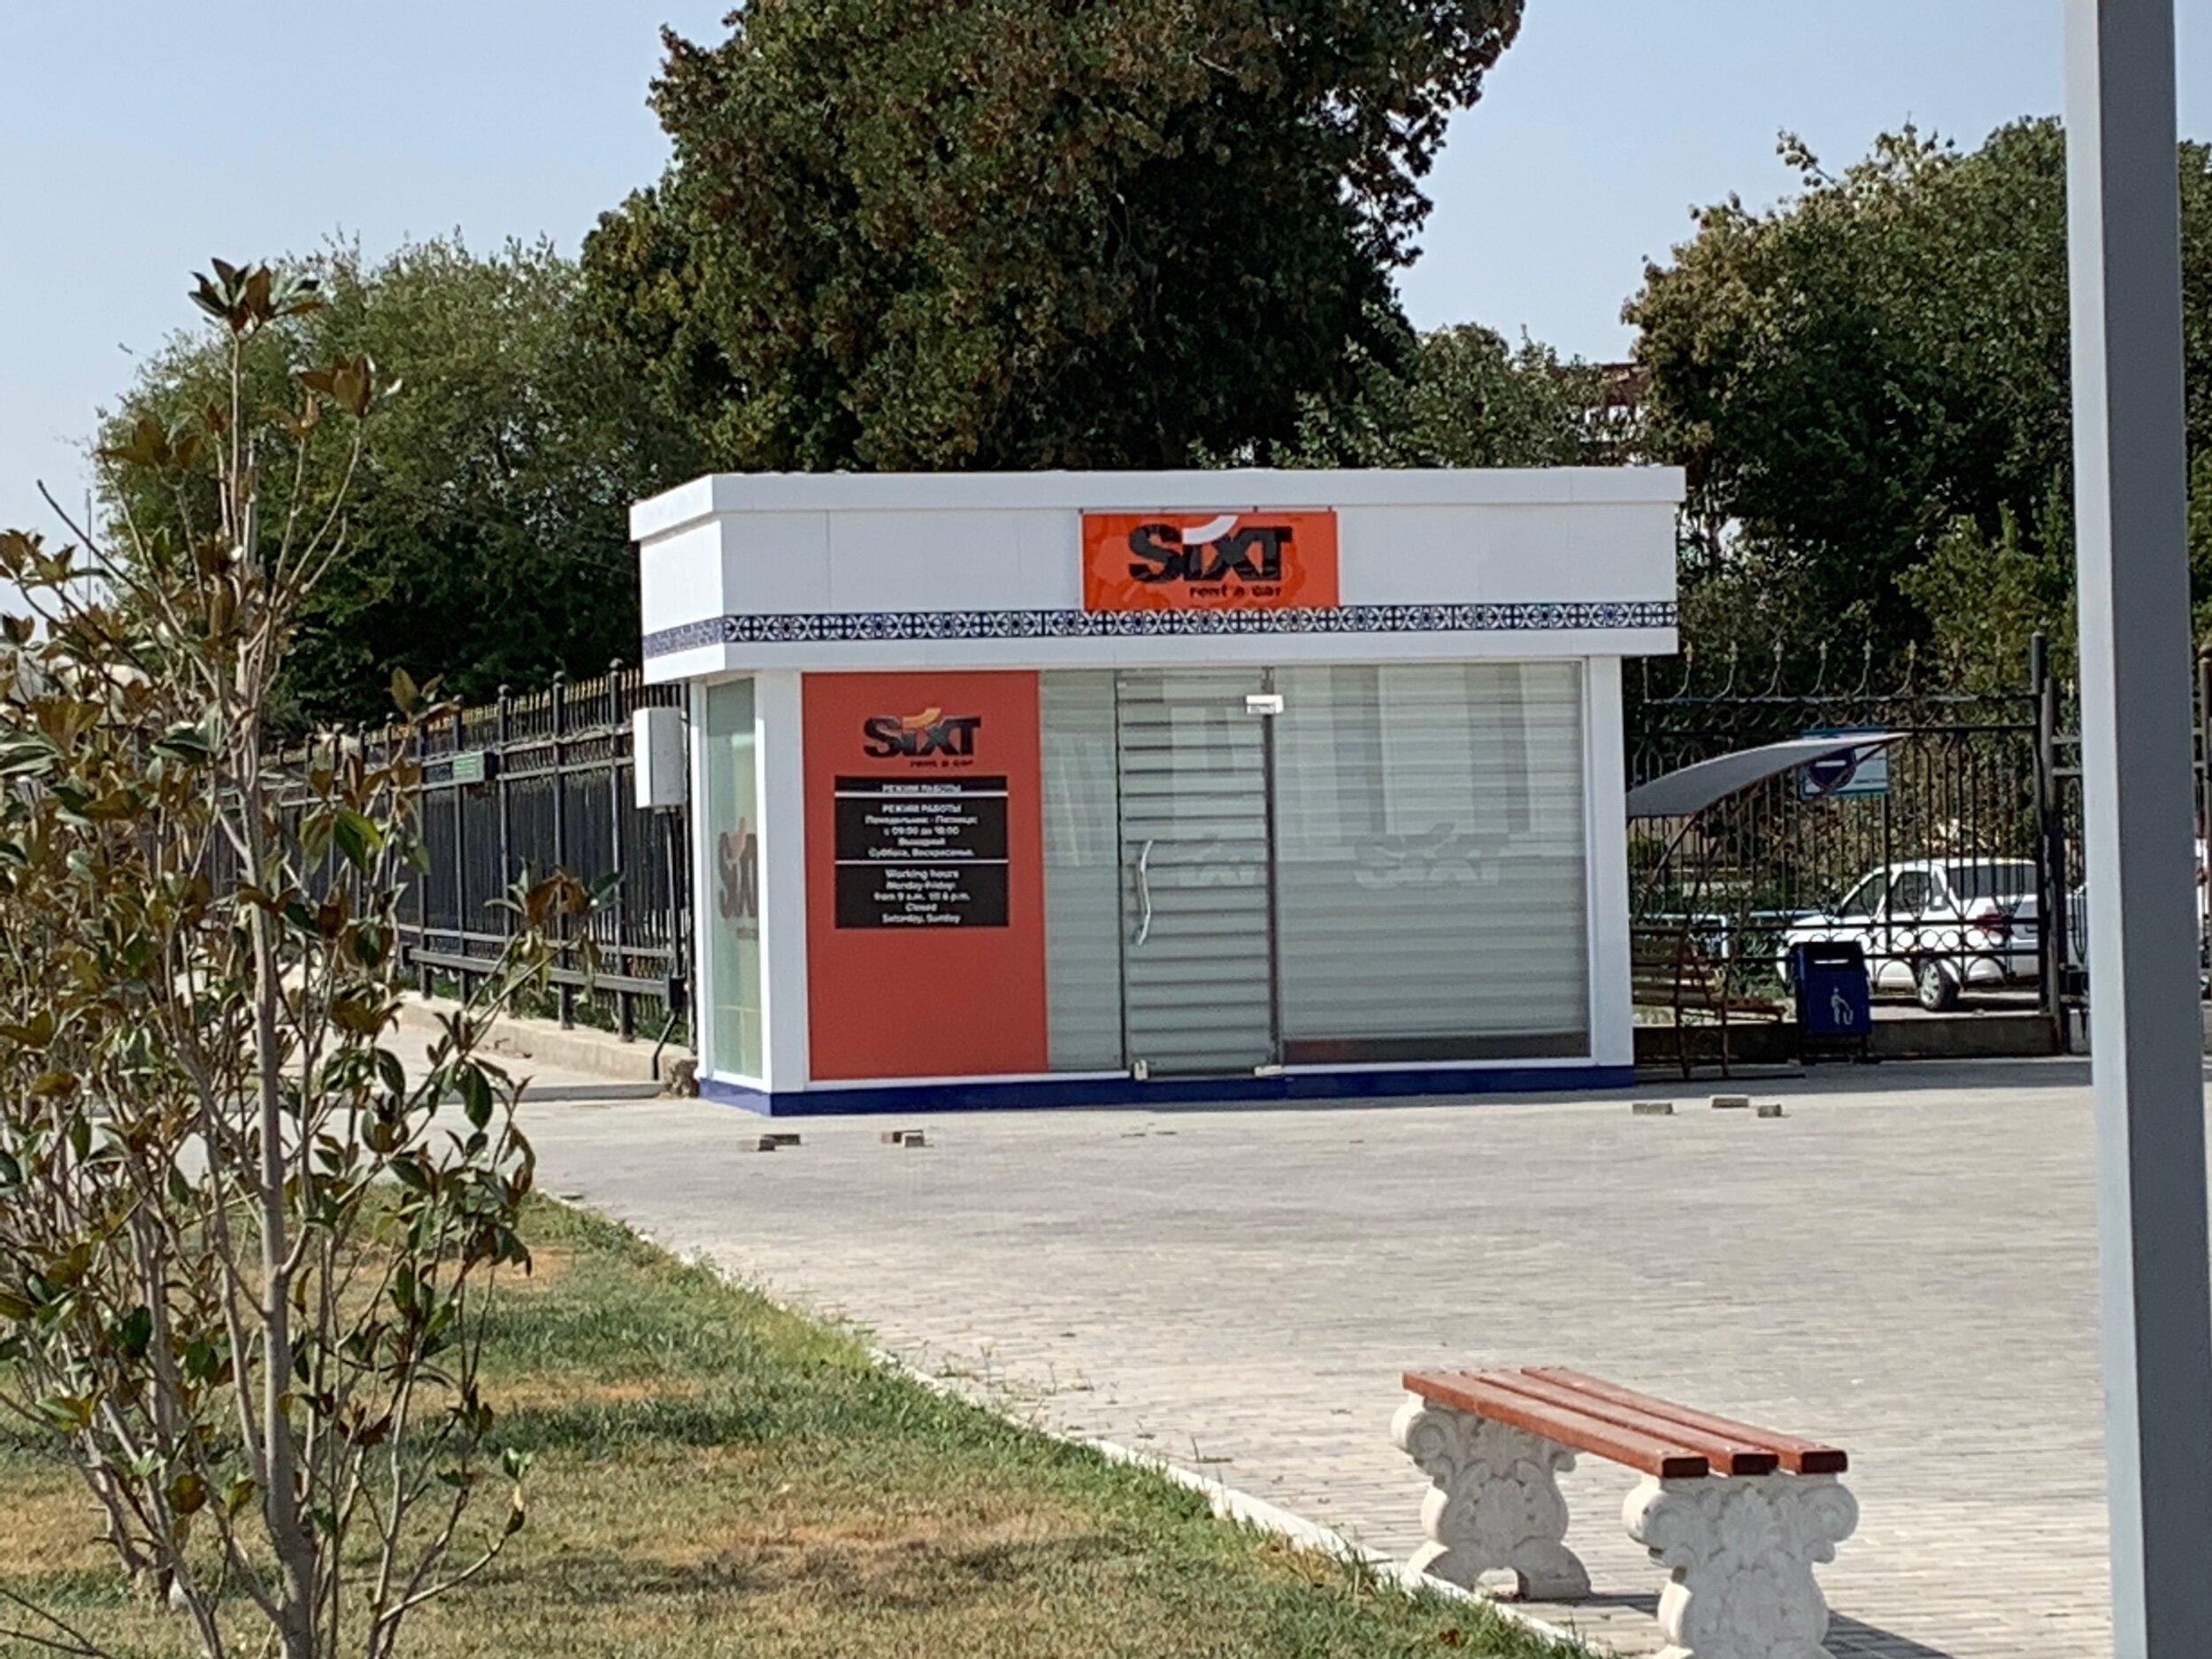 تأجير السيارات - من إحدى الشركات العالمية المتواجد في محطة قطار مدينة بخارى